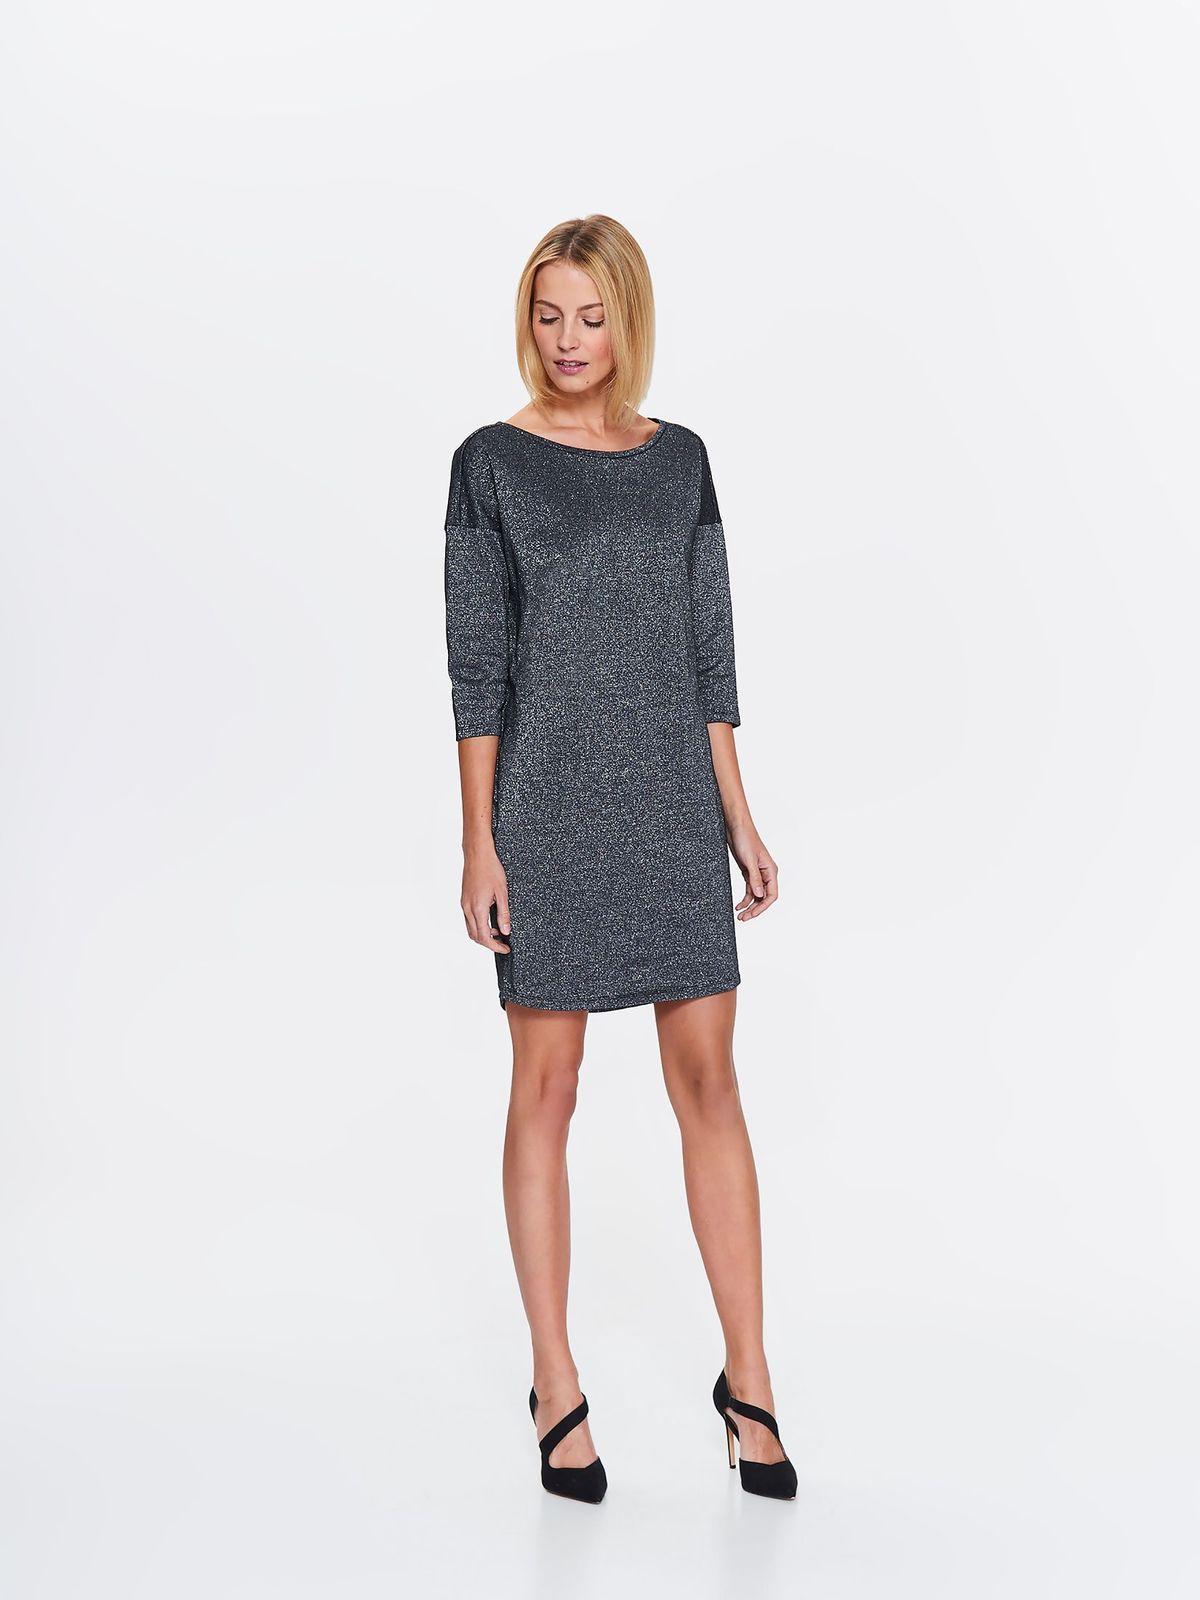 TOP SECRET TOP SECRET μεταλιζε φορεμα